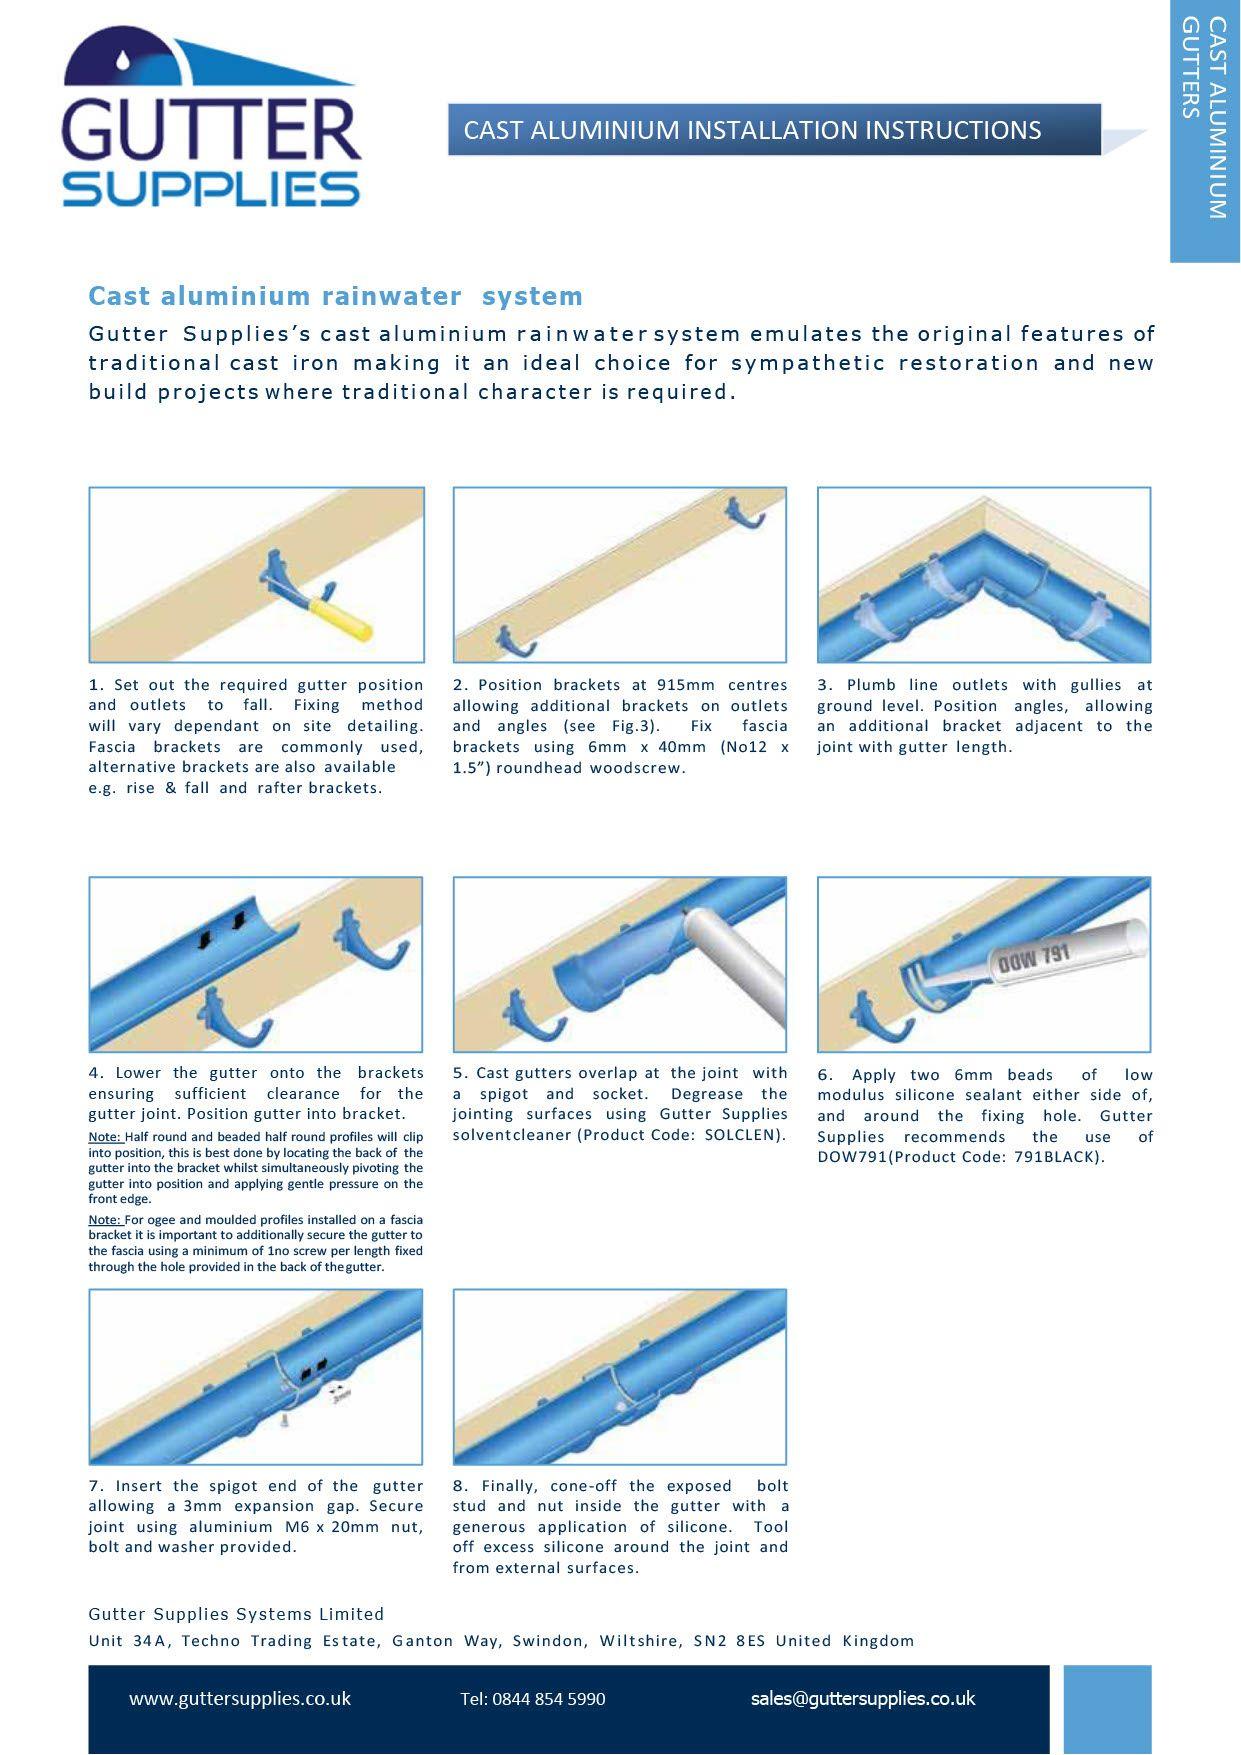 Aluminium Gutter Installation Help Advice 0800 Handyman Changing A Light Fitting Wiring